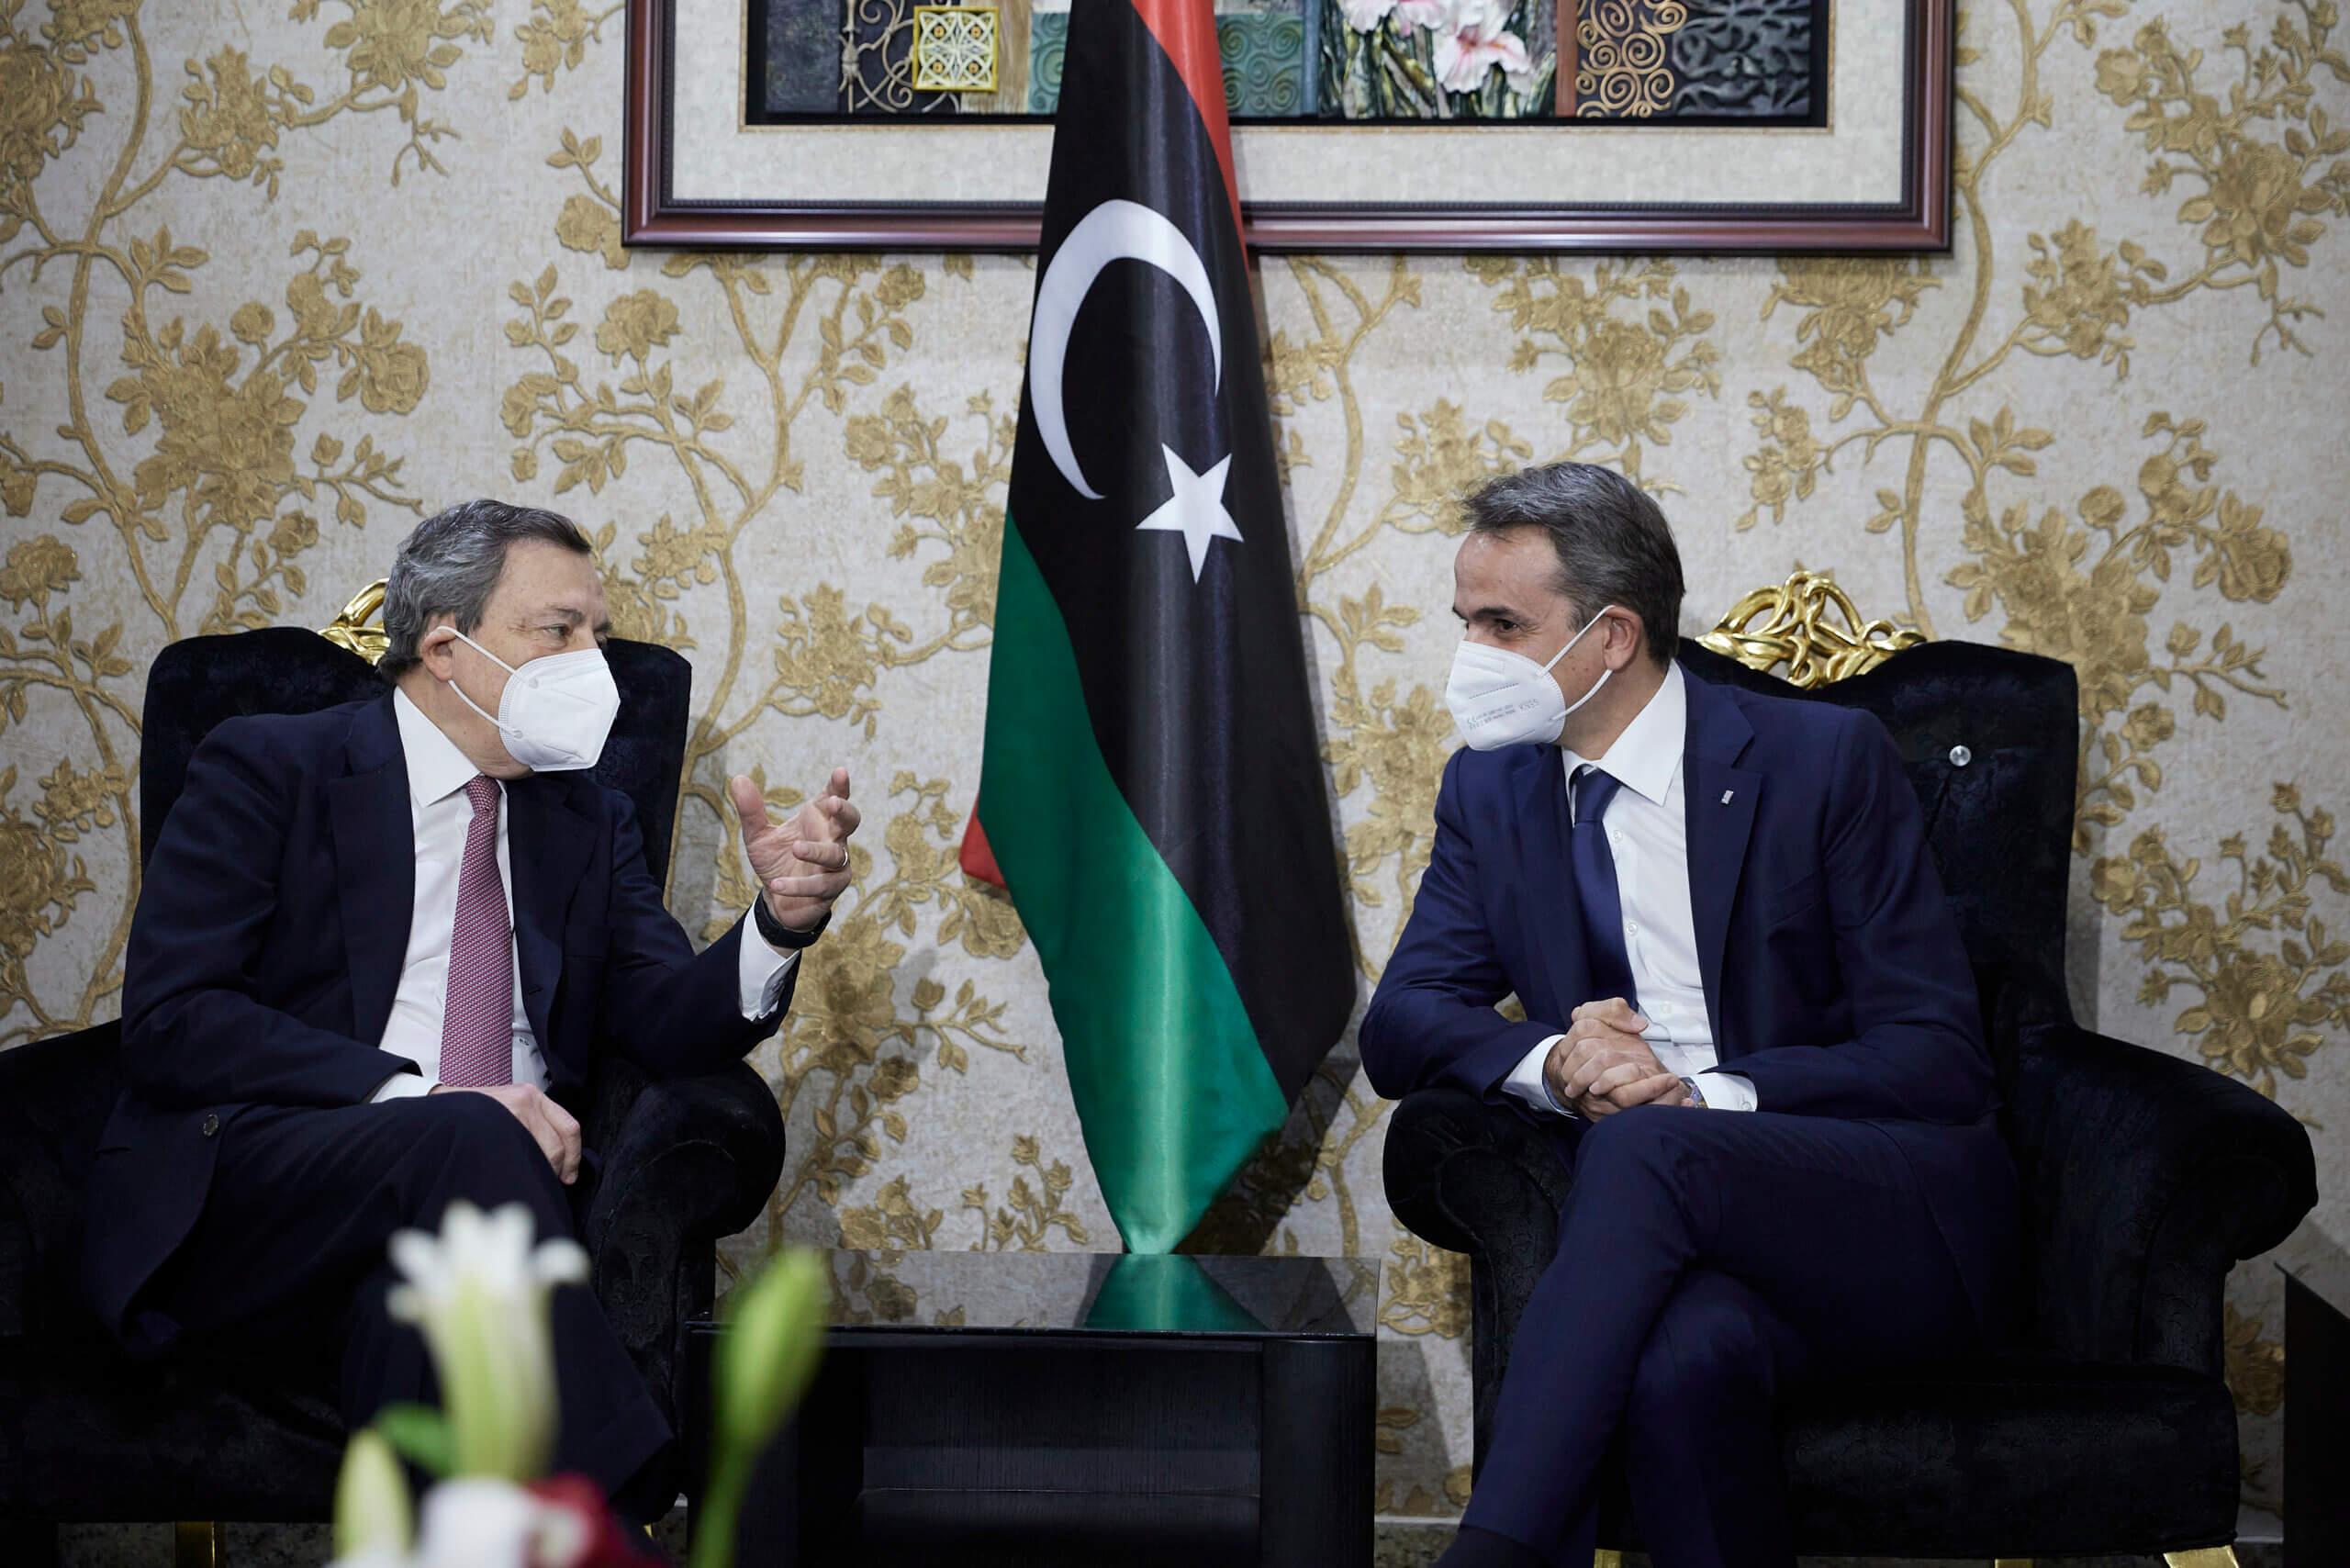 Συνάντηση Μητσοτάκη-Ντράγκι στη Λιβύη